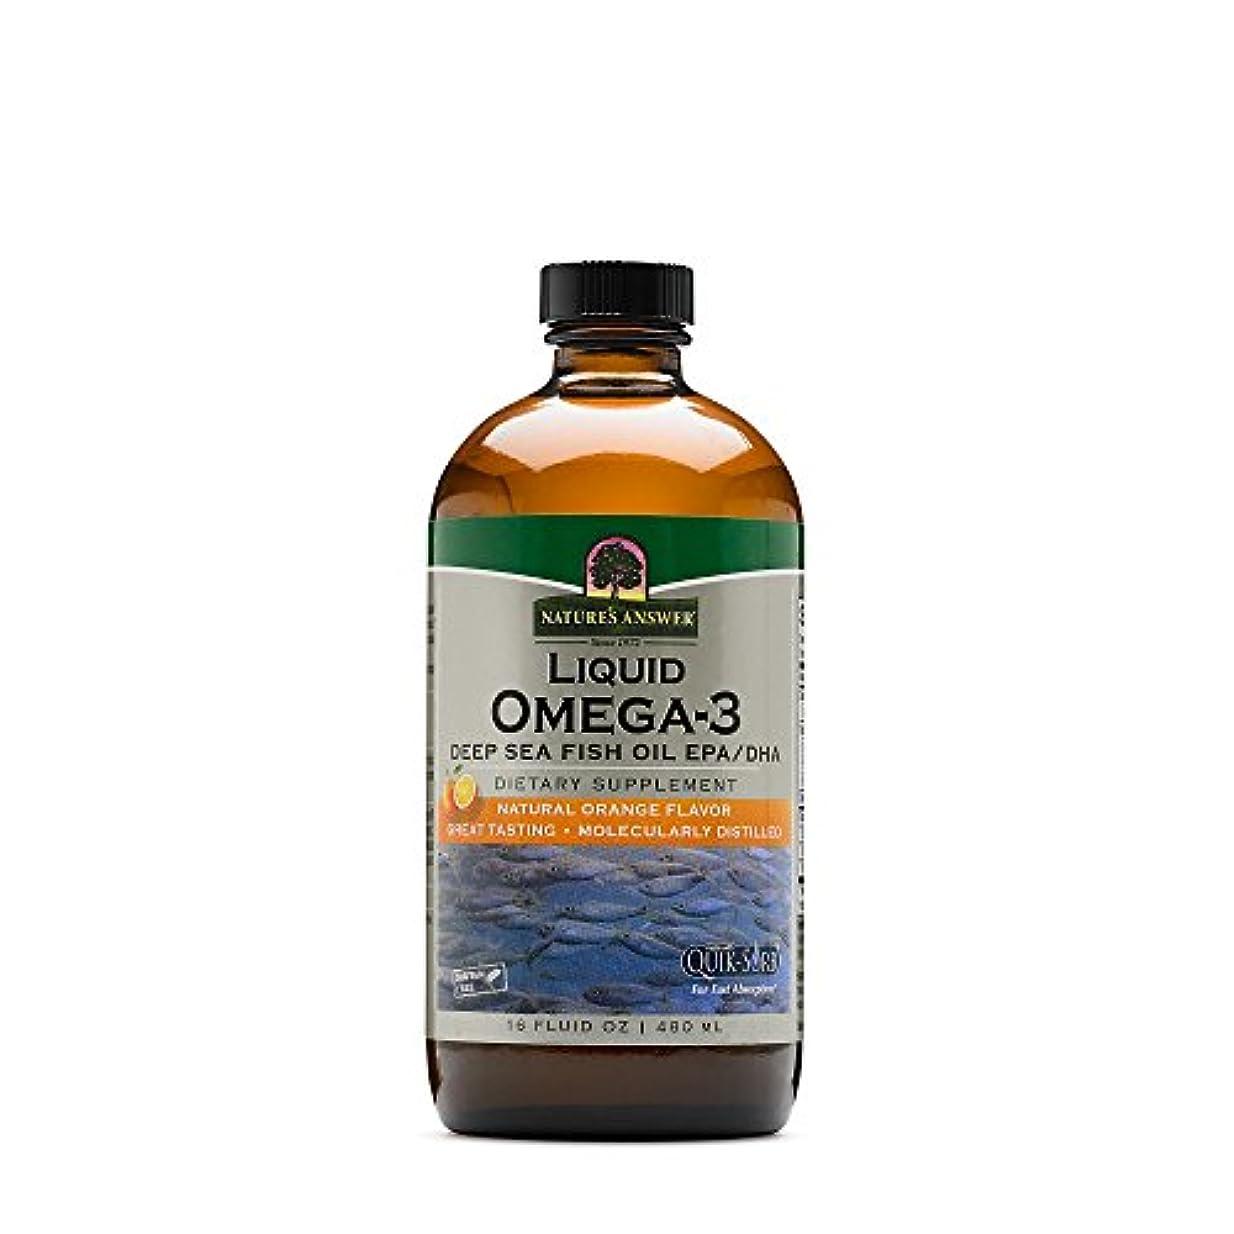 海外直送品Nature's Answer Liquid Omega 3 Deep Sea Fish Oil Epa/dha, 16 Oz